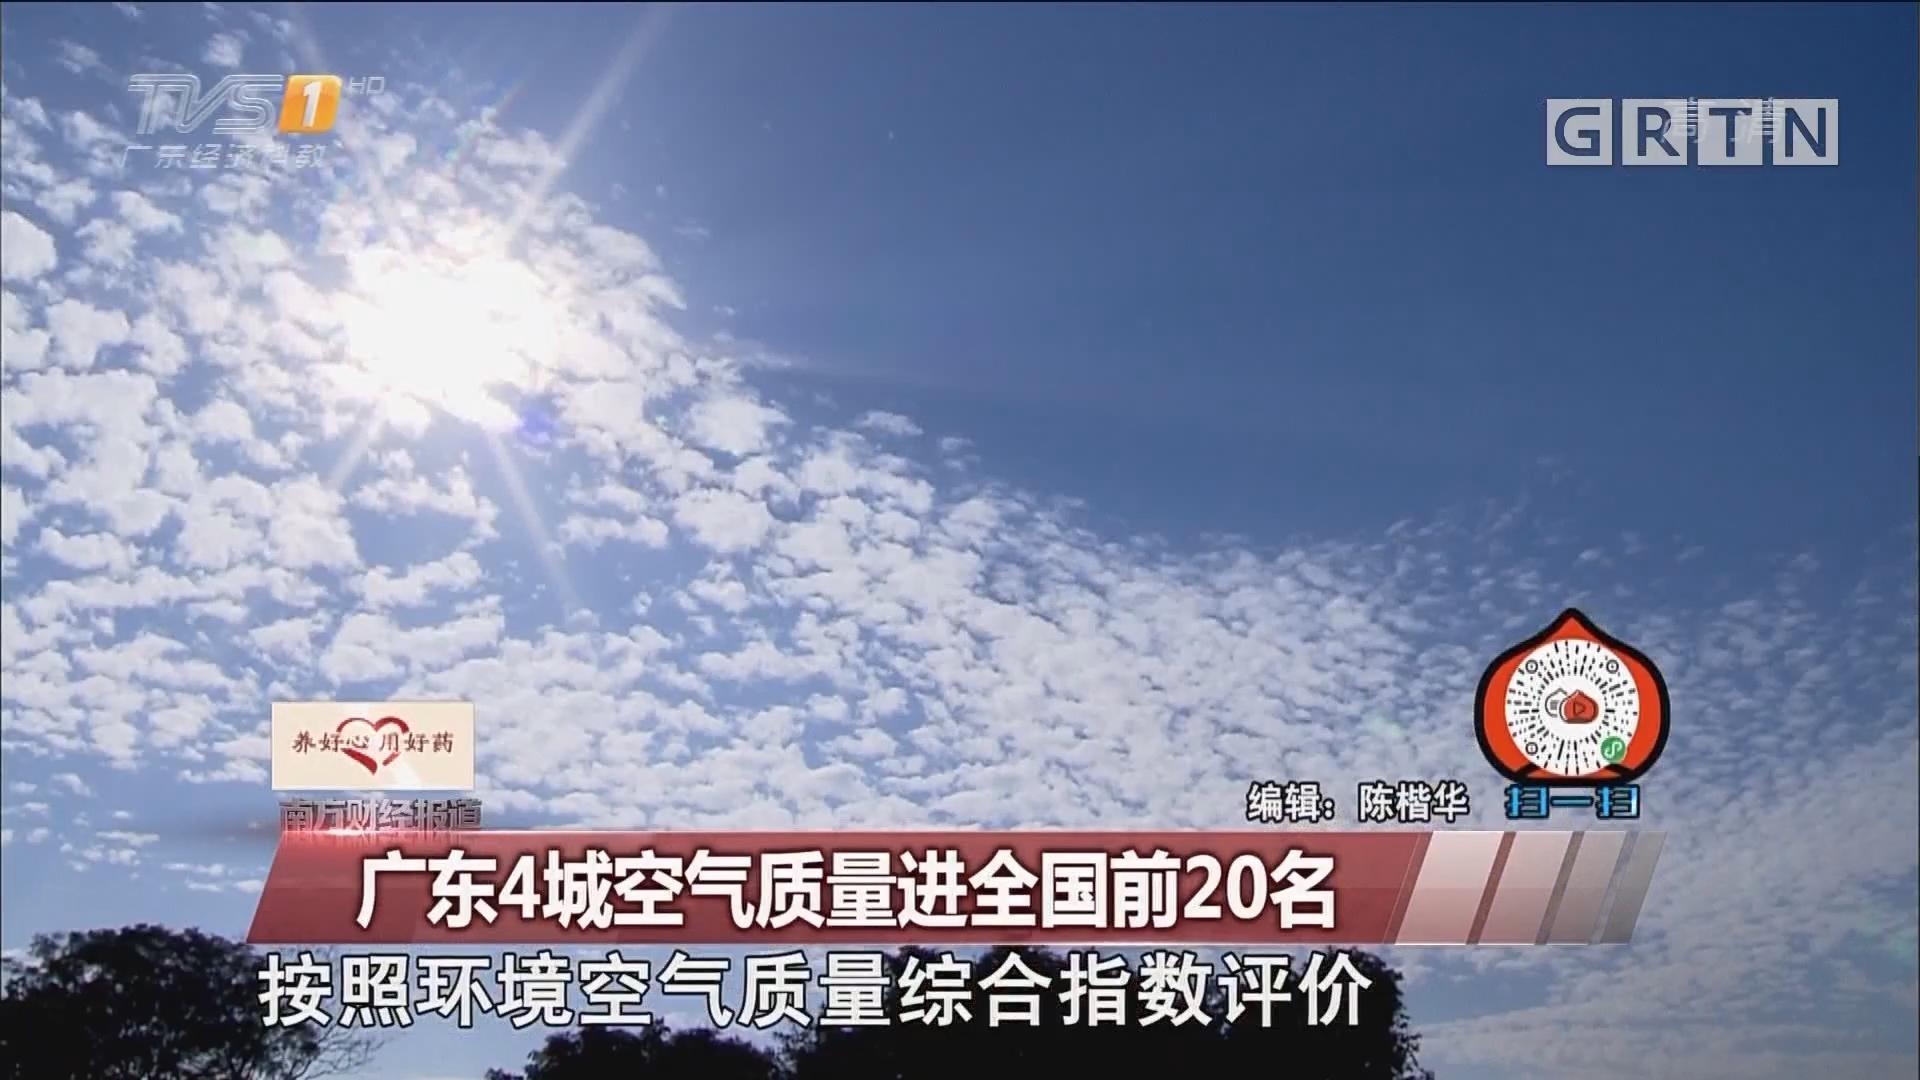 广东4城空气质量进全国前20名